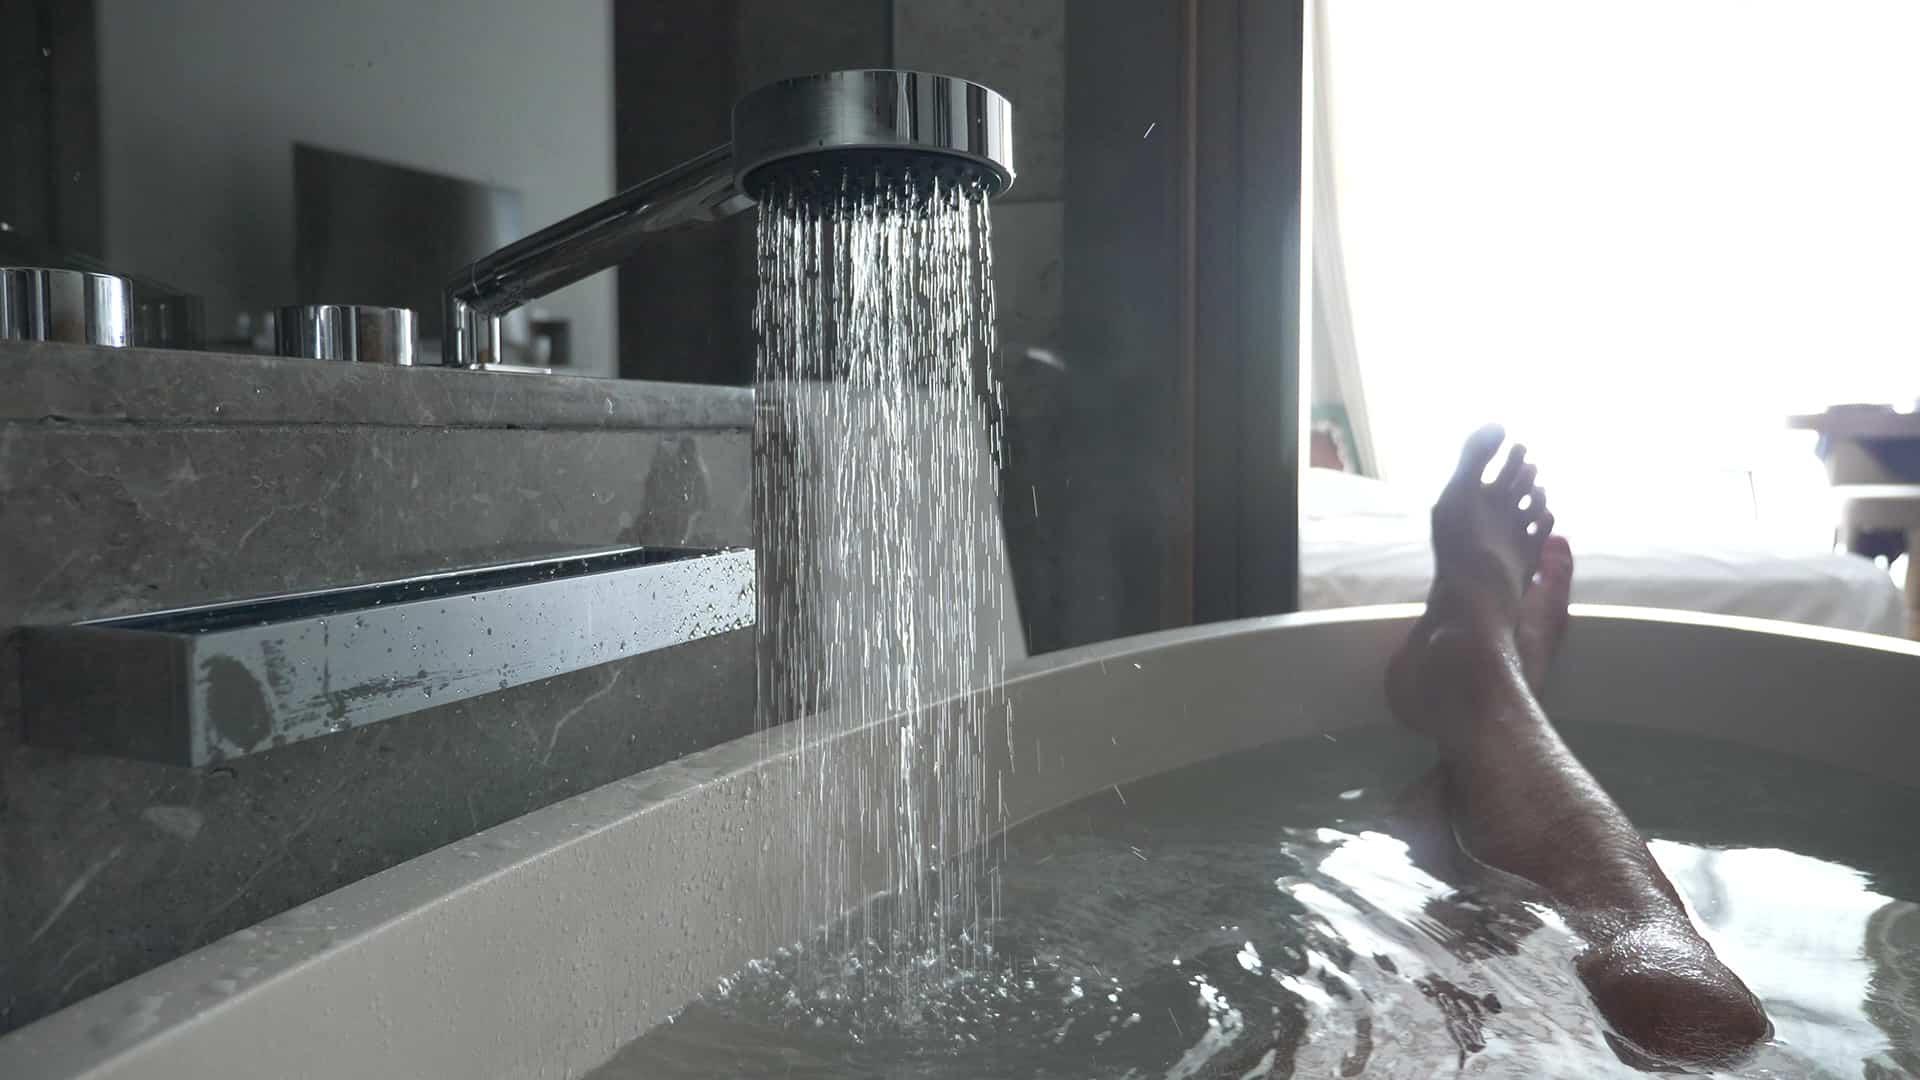 bain chaud pour dormir plus facilement